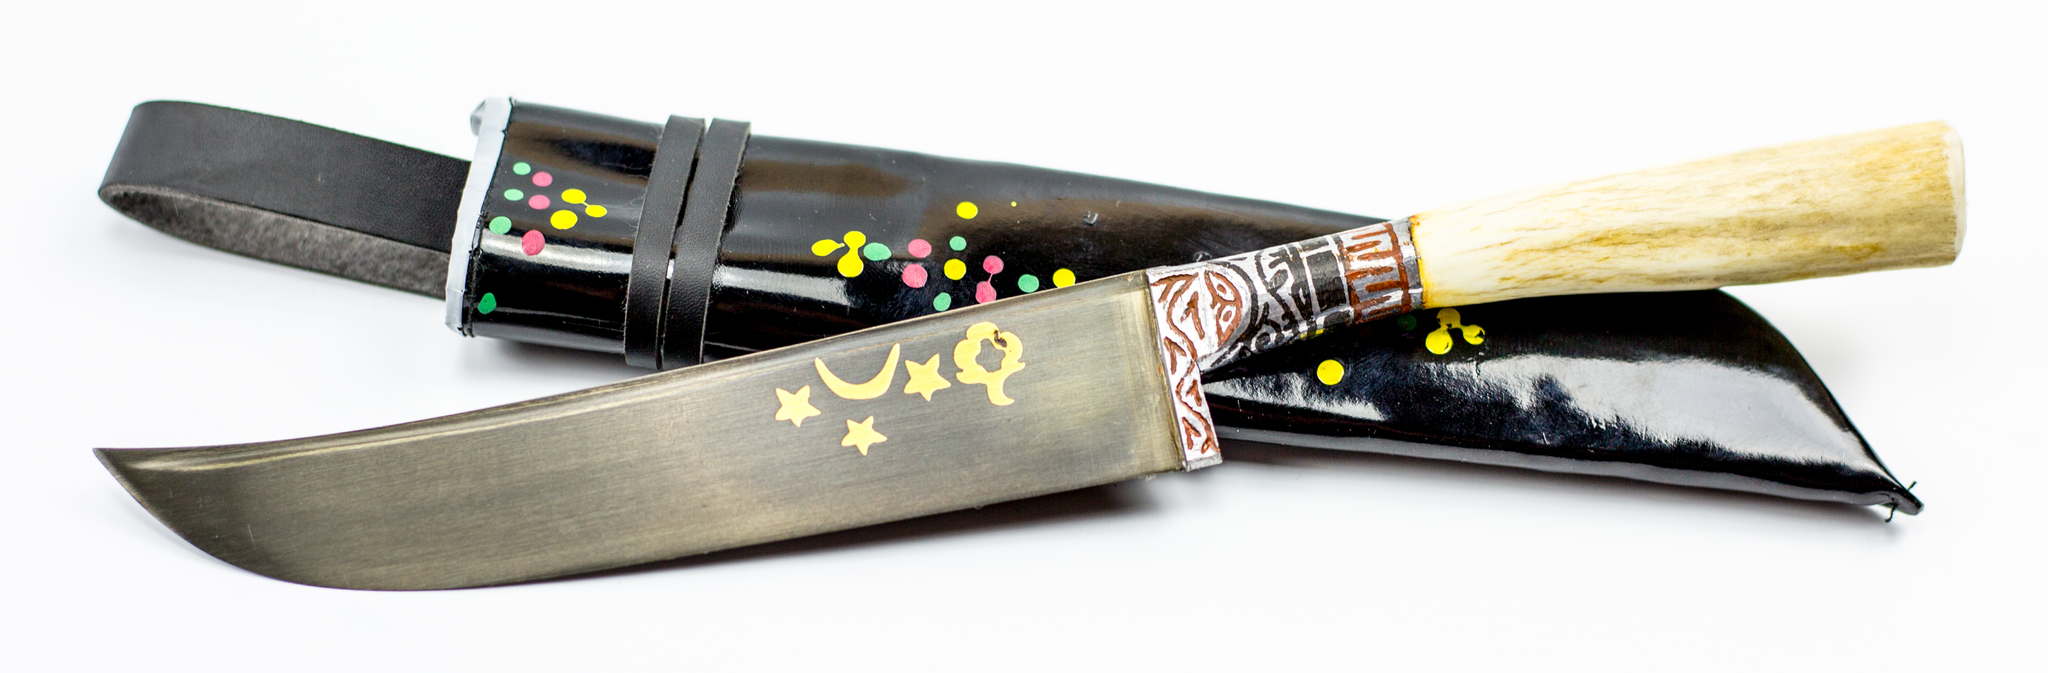 Пчак Сайгак миниУзбекские ножи Пчак<br>Узбекский универсальный нож Пчак.<br>